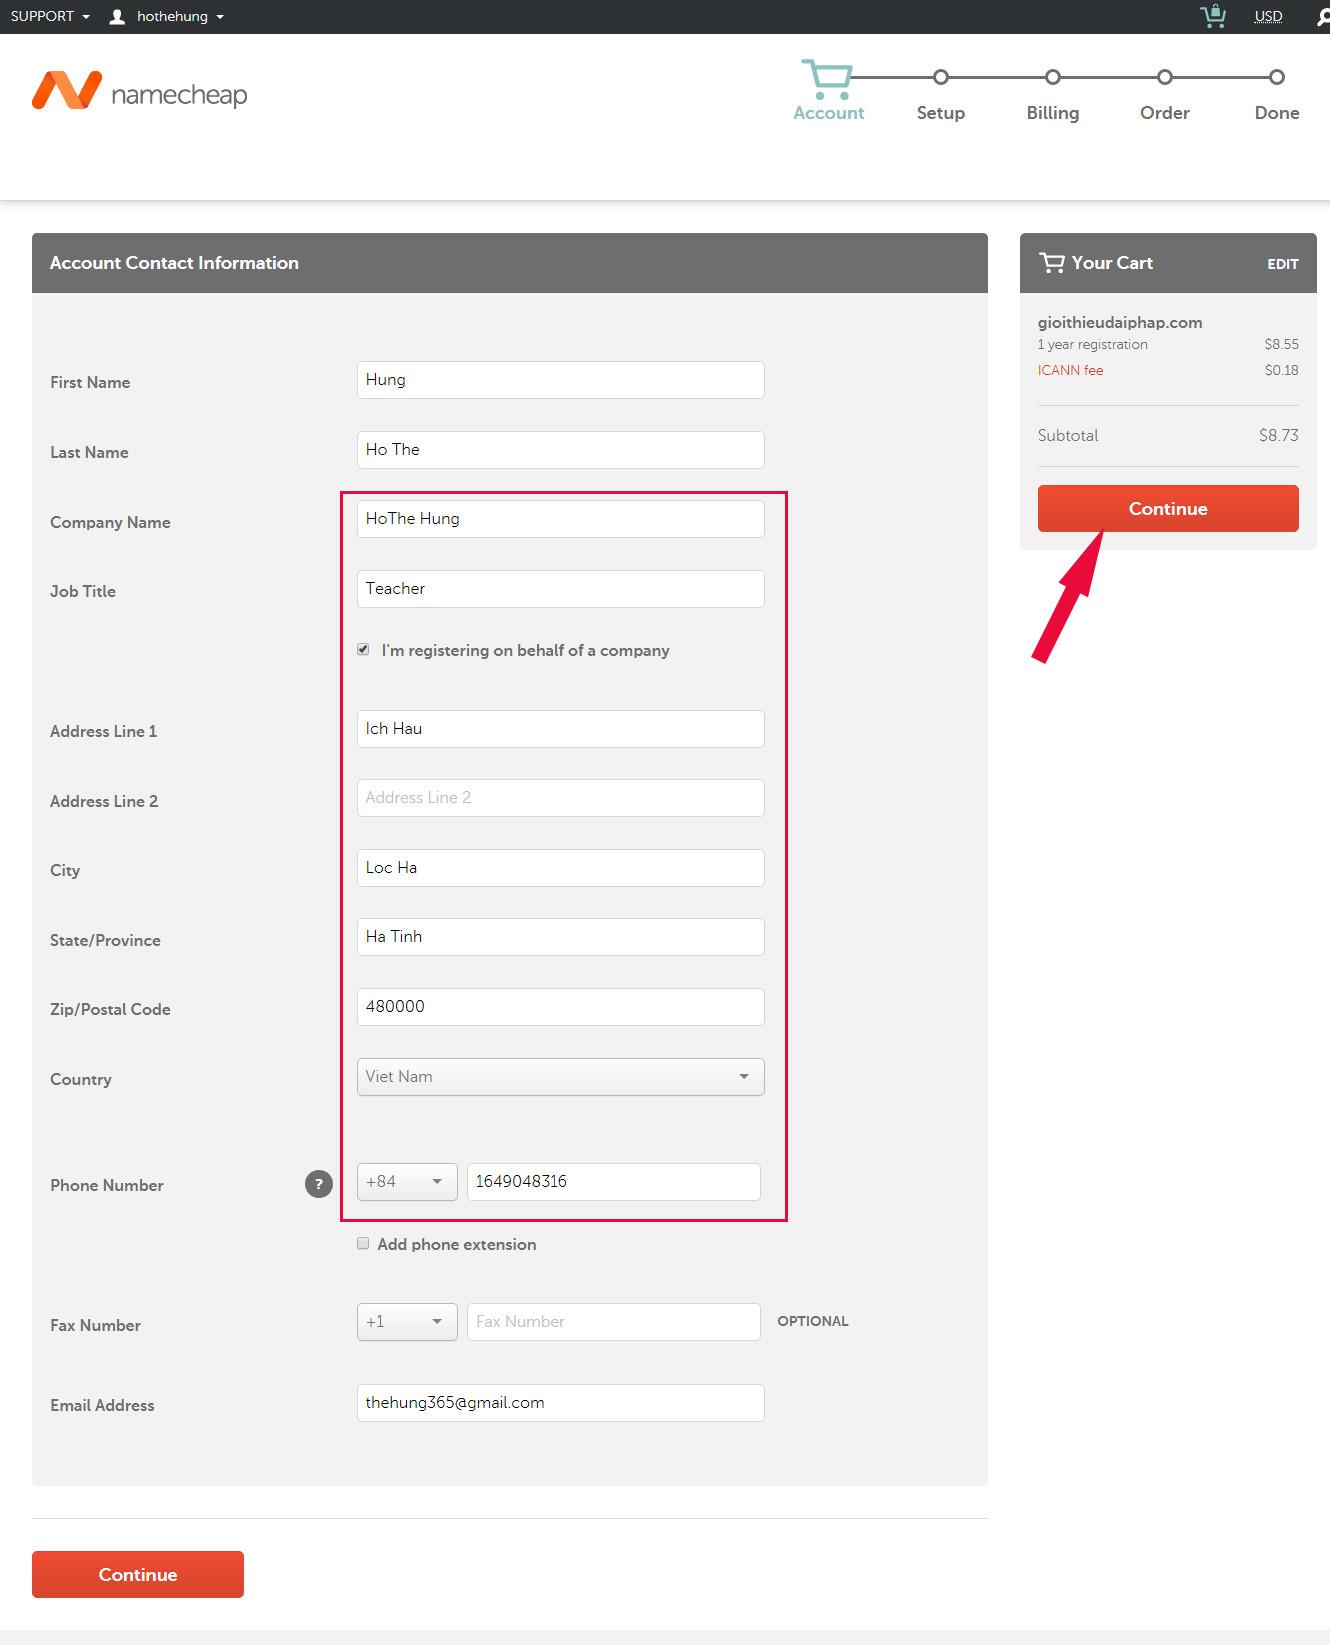 Hướng dẫn đăng ký tên miền .COM tại NameCheap năm 2018